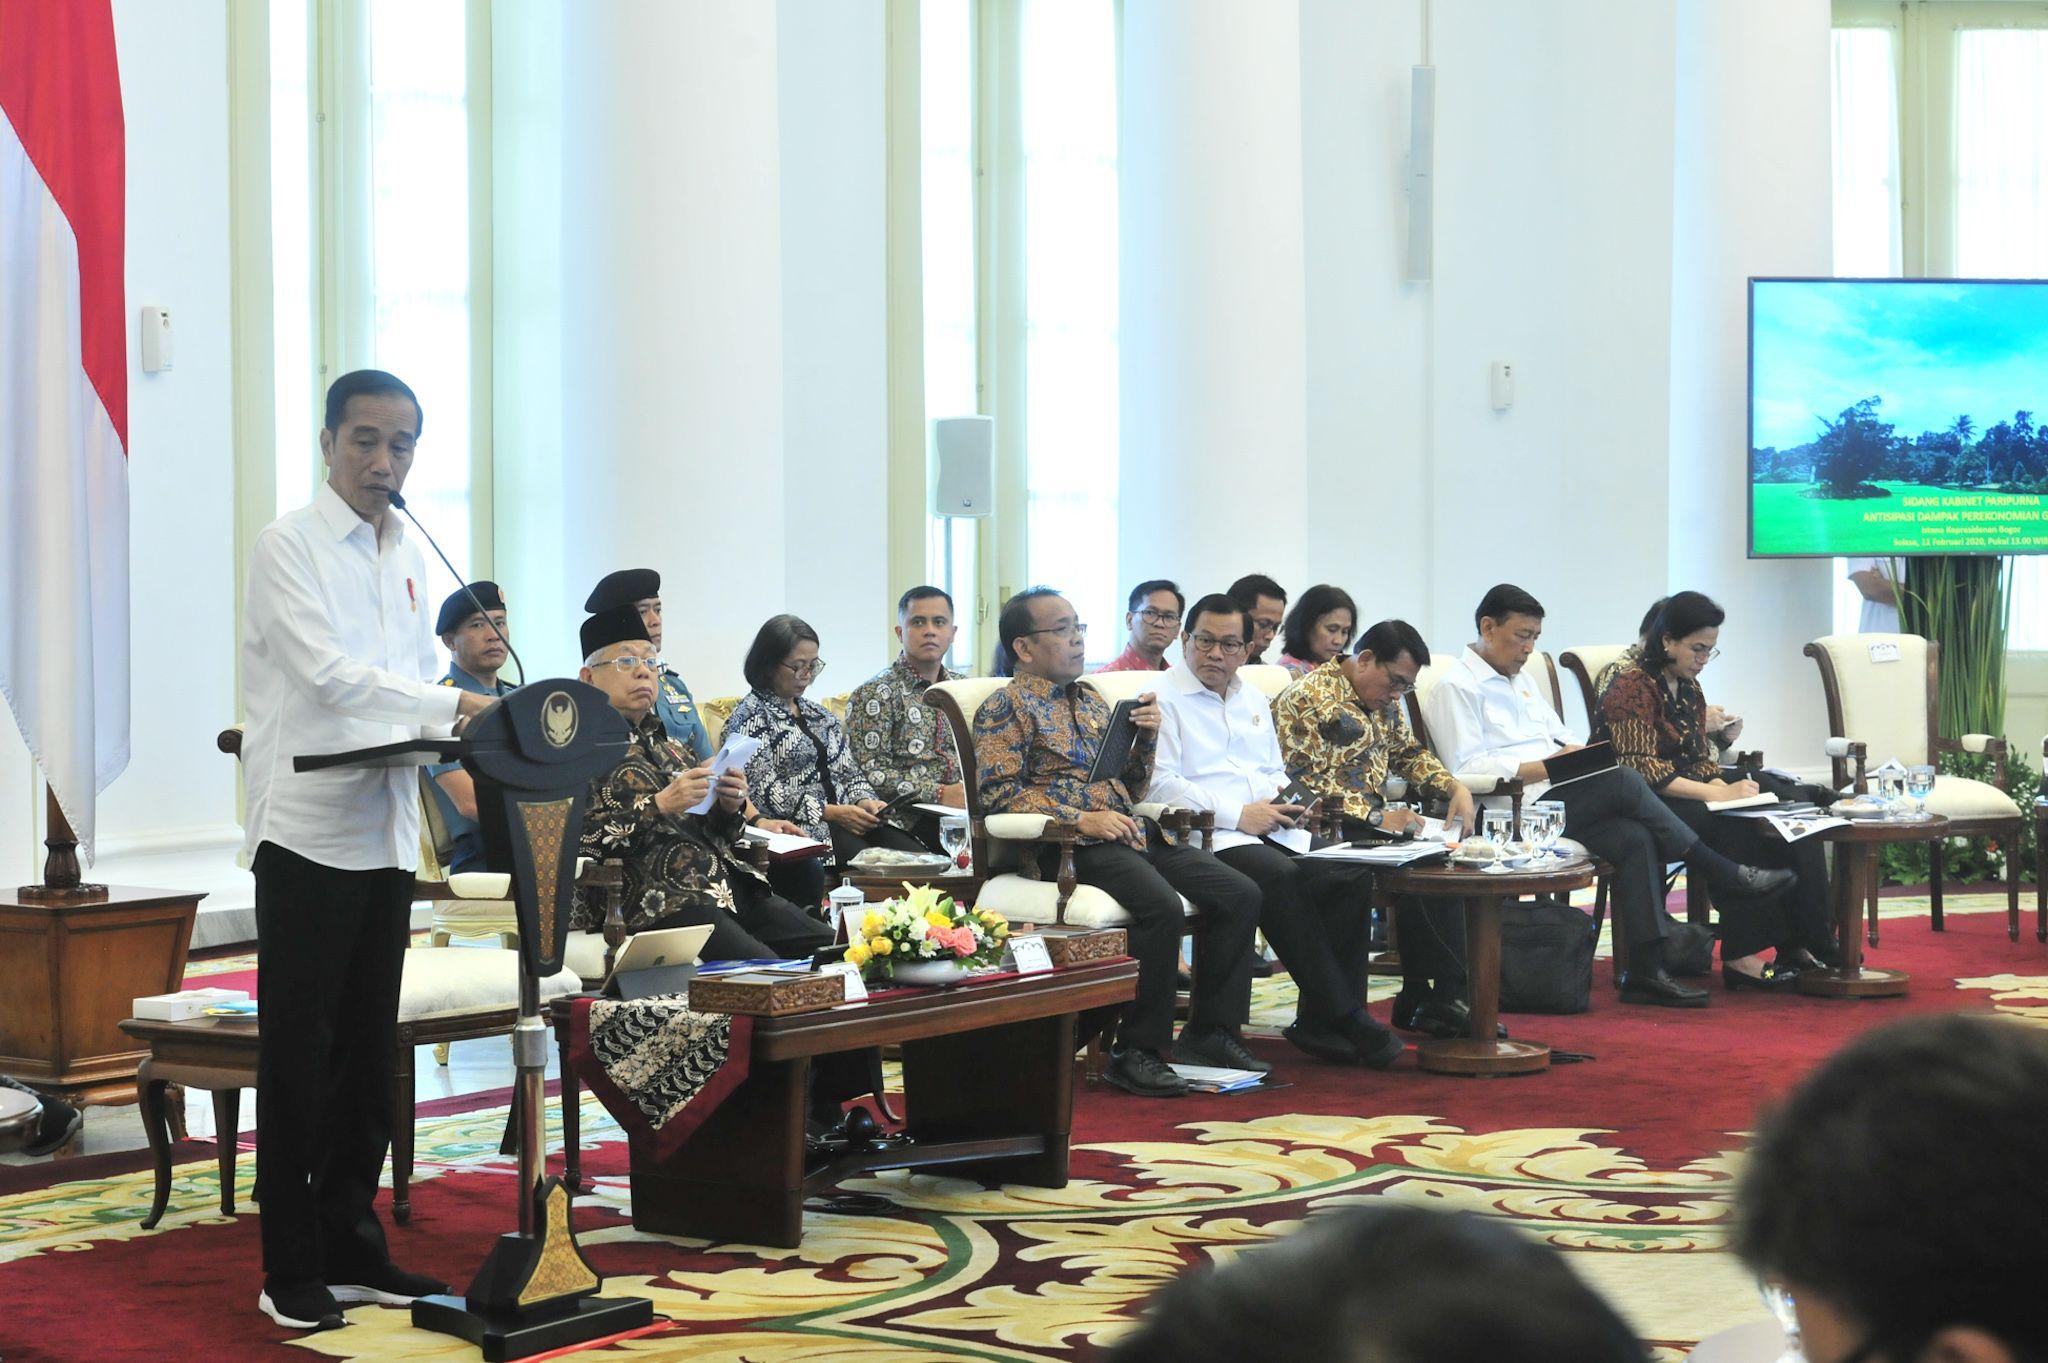 Ekonomi Global tak Bersahabat, Jokowi: Realisasi Belanja Dilakukan Secepatnya